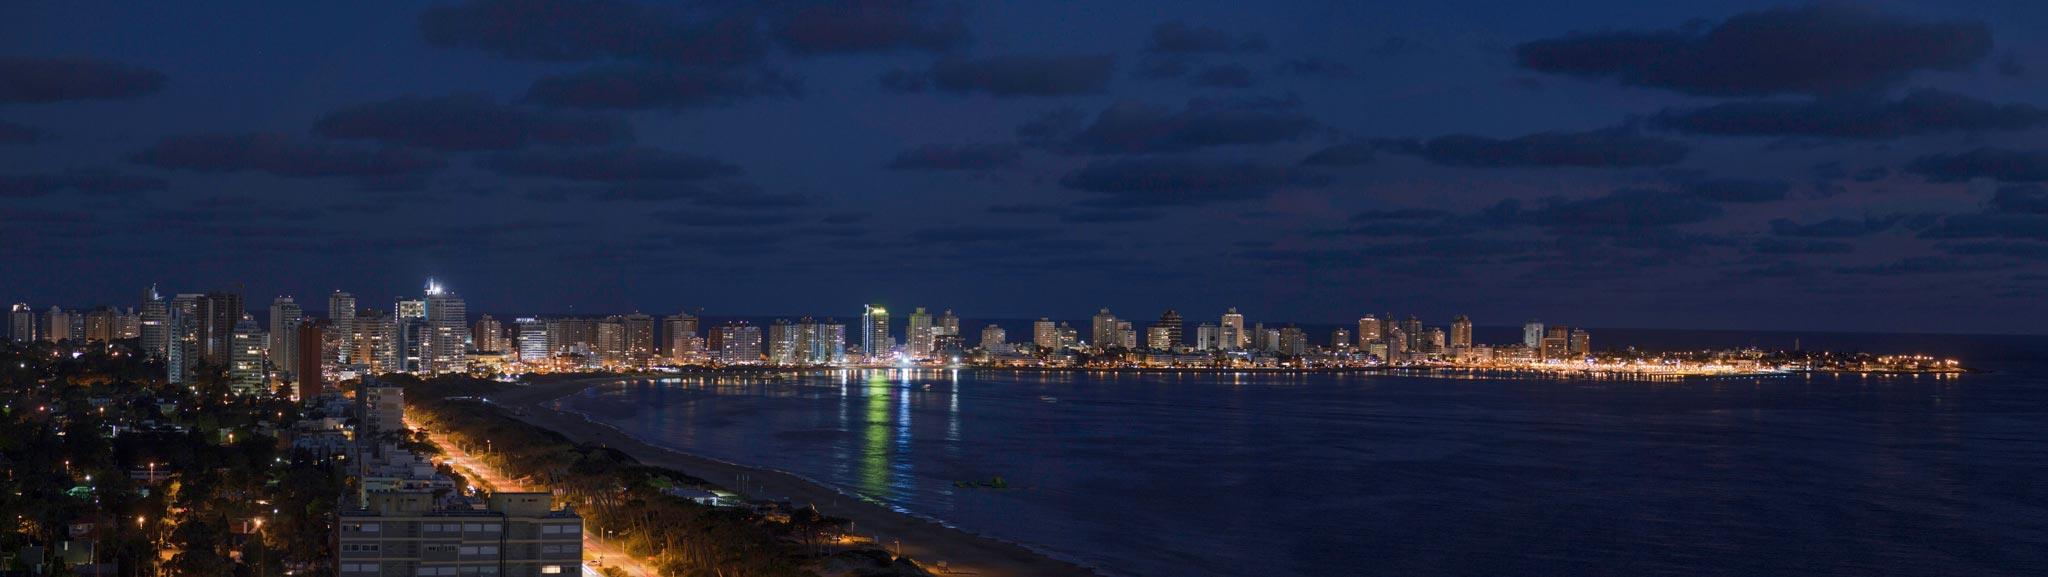 skyline punta del este by night